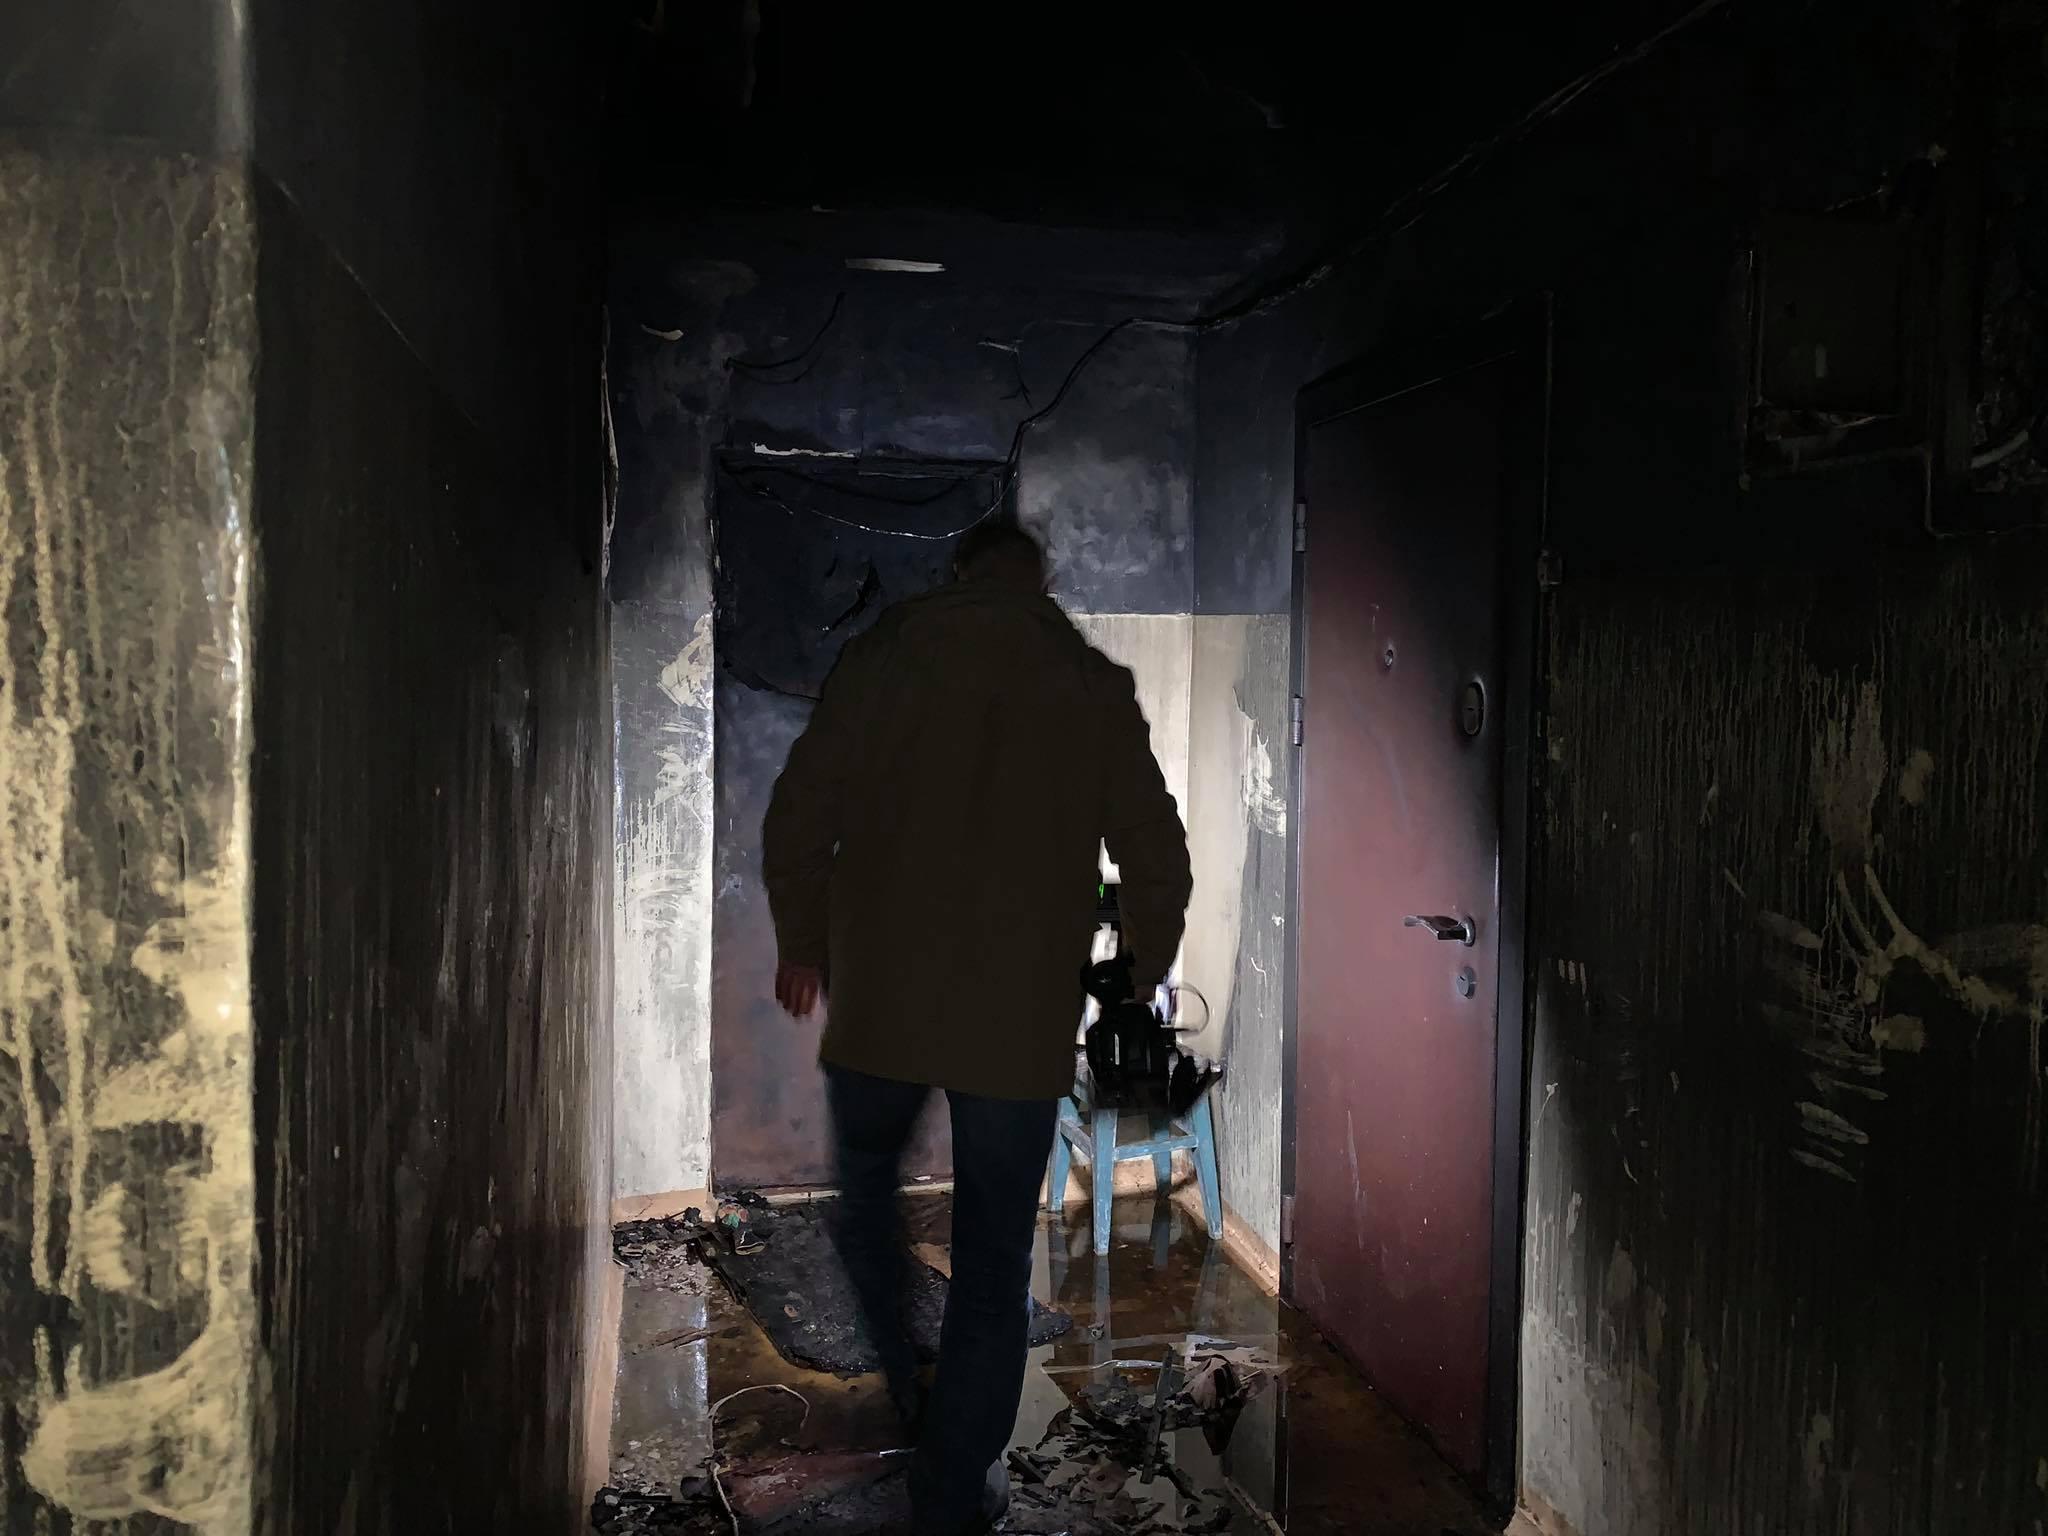 У київській багатоповерхівці згорів заживо чоловік - ФОТО - фото 5